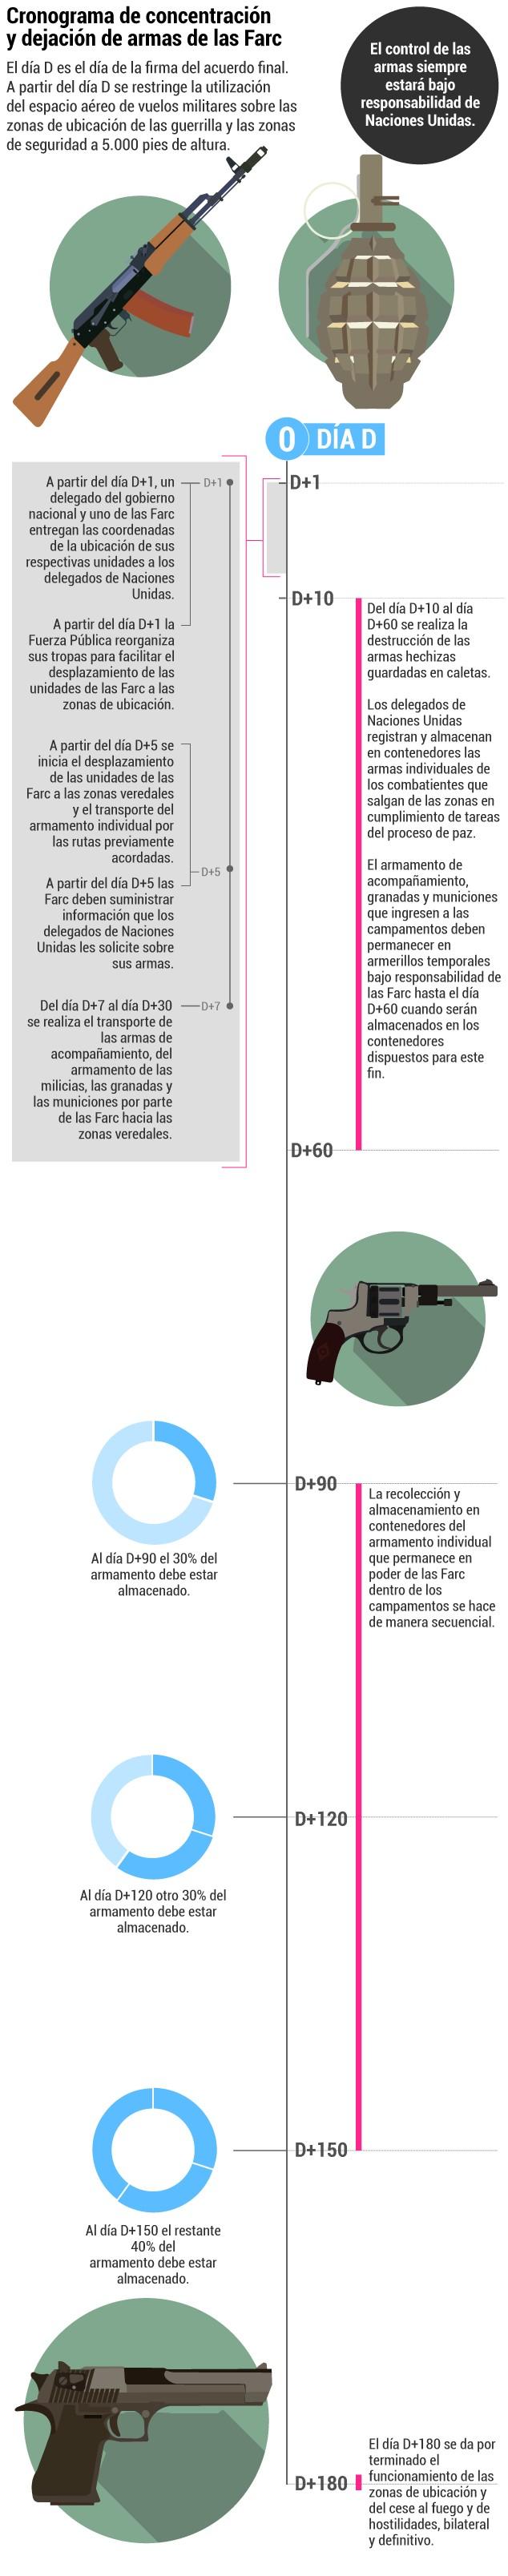 Calendario Laboral 2019 Ingenio Más Arriba-a-fecha Colombia Por Una Paz Estable Y Duradera Junio 2016 Of Calendario Laboral 2019 Ingenio Más Populares Elmentiderodemielost